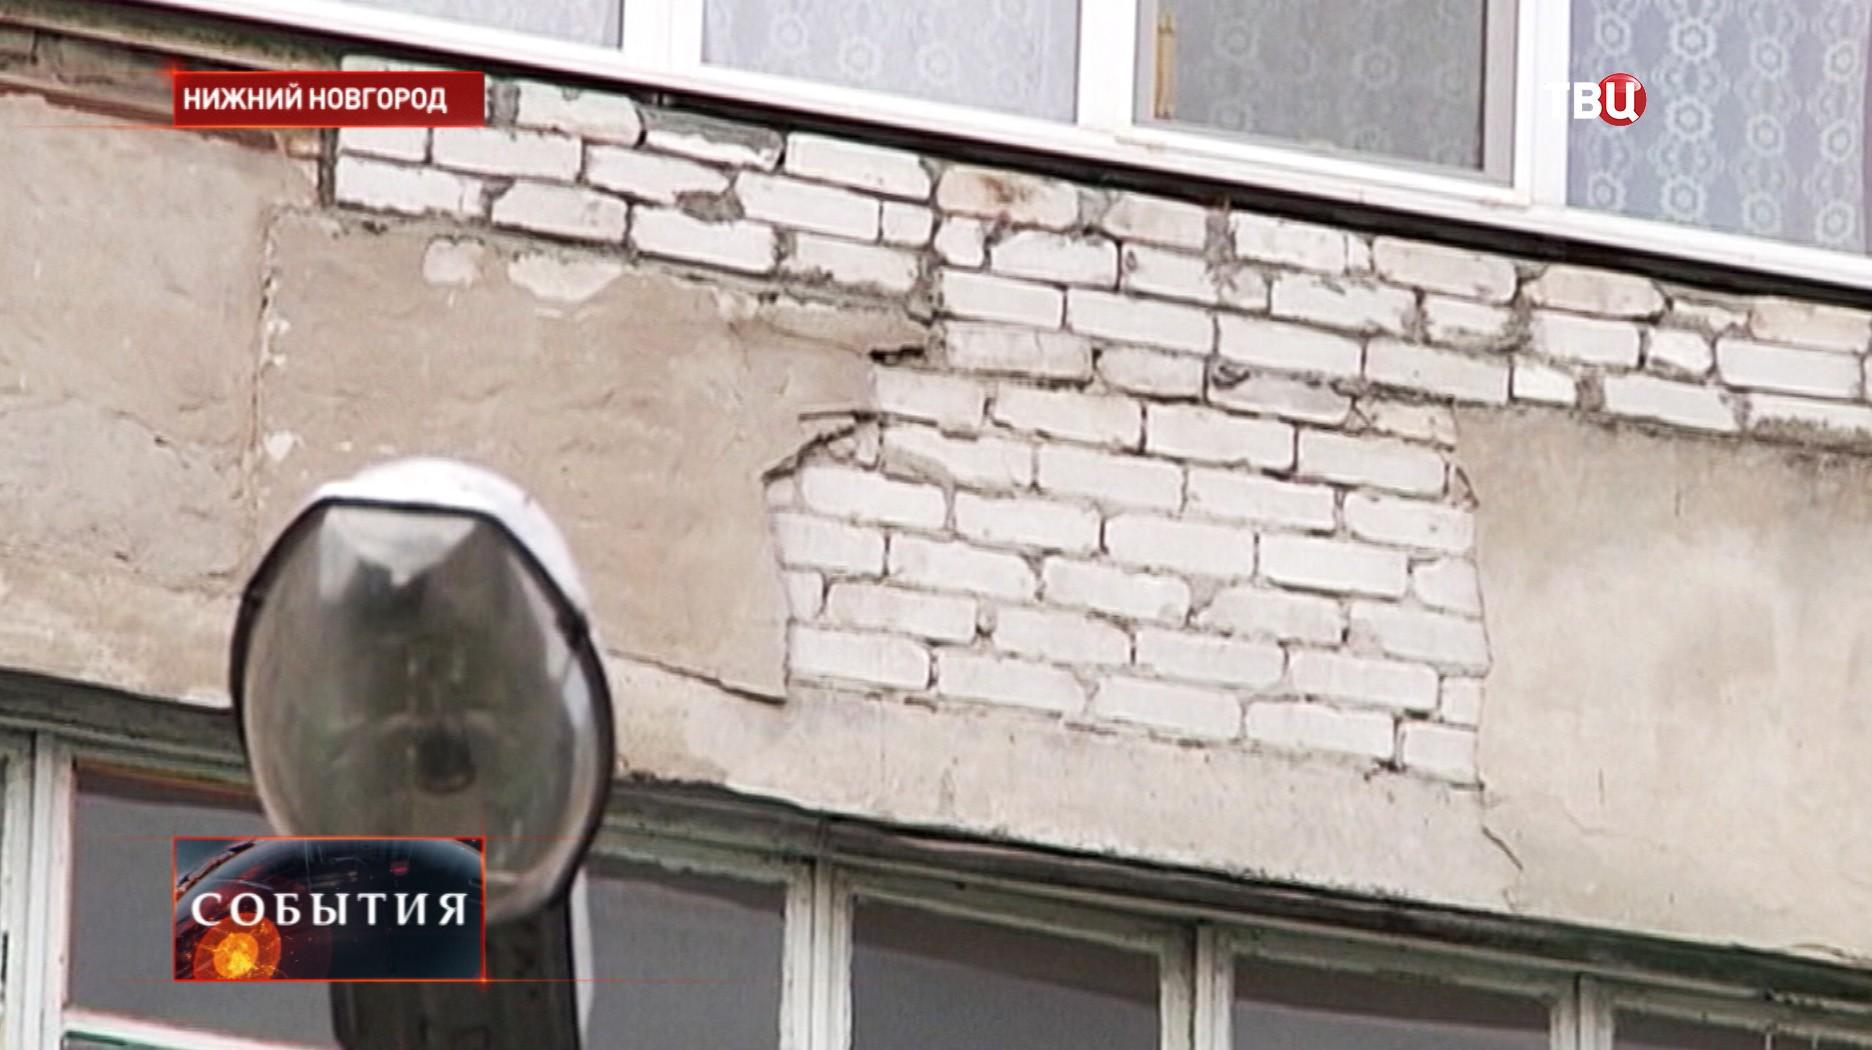 Состояние фасада многоквартирного жилого дома